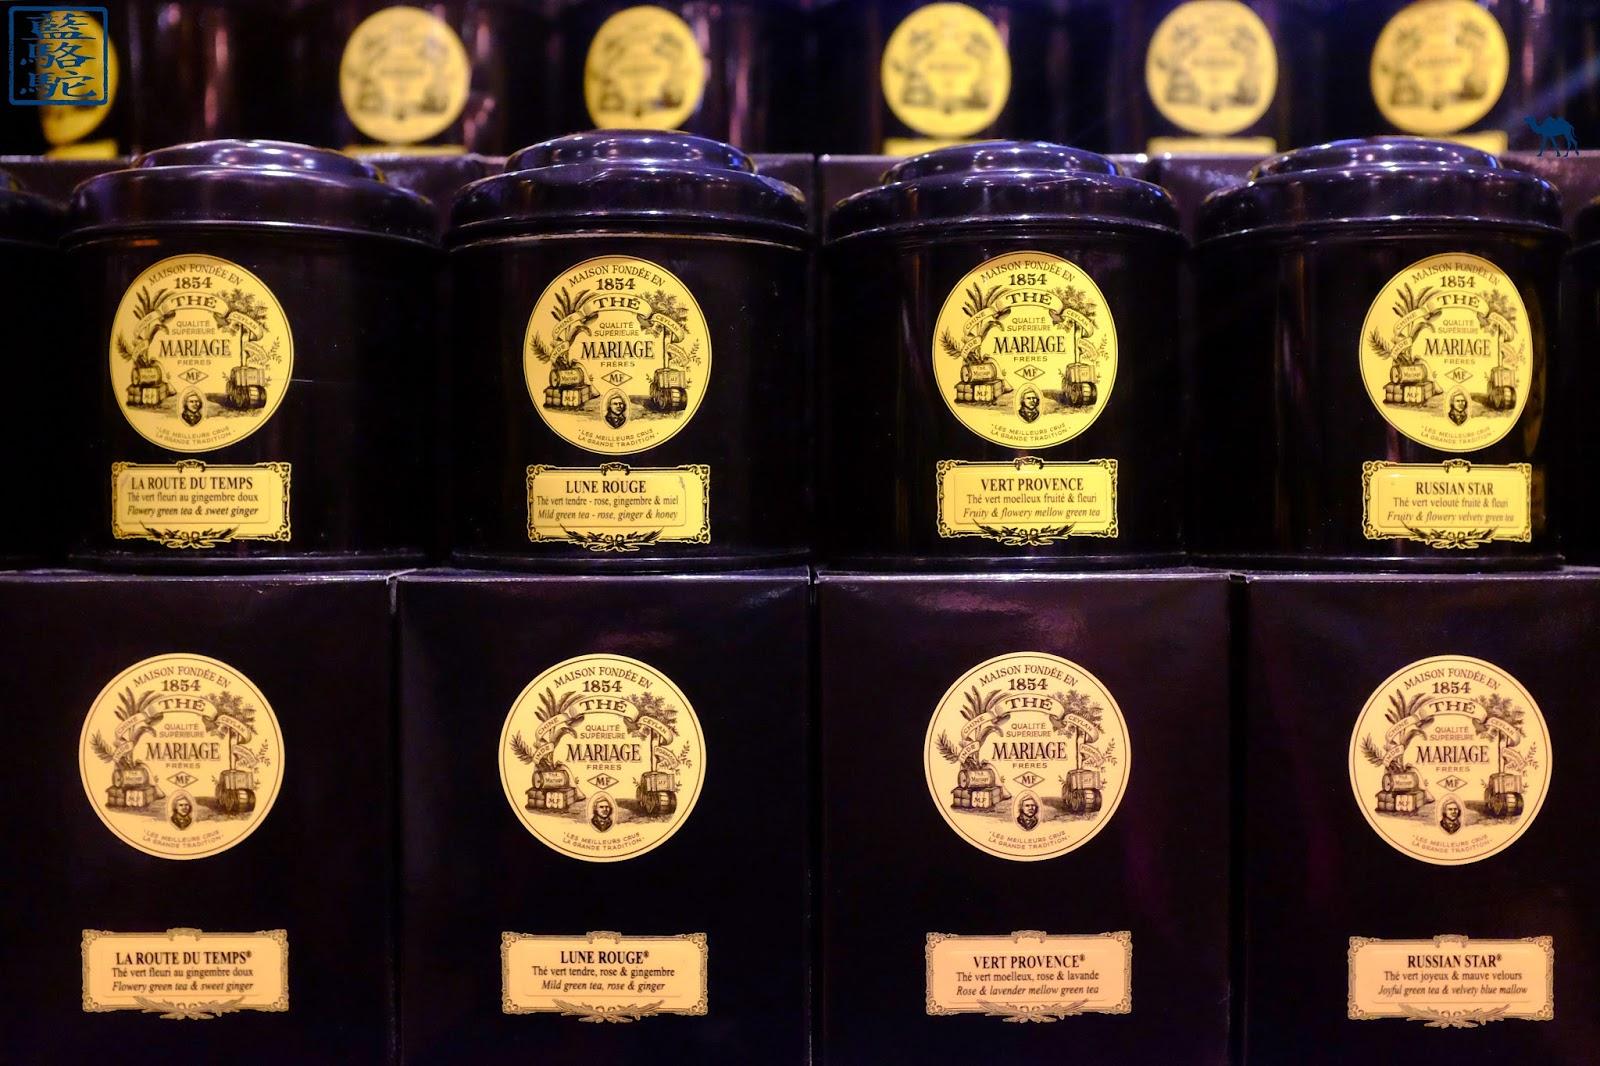 Le Chameau Bleu - Thé Mariages Frères Paris - Dégustation de thé